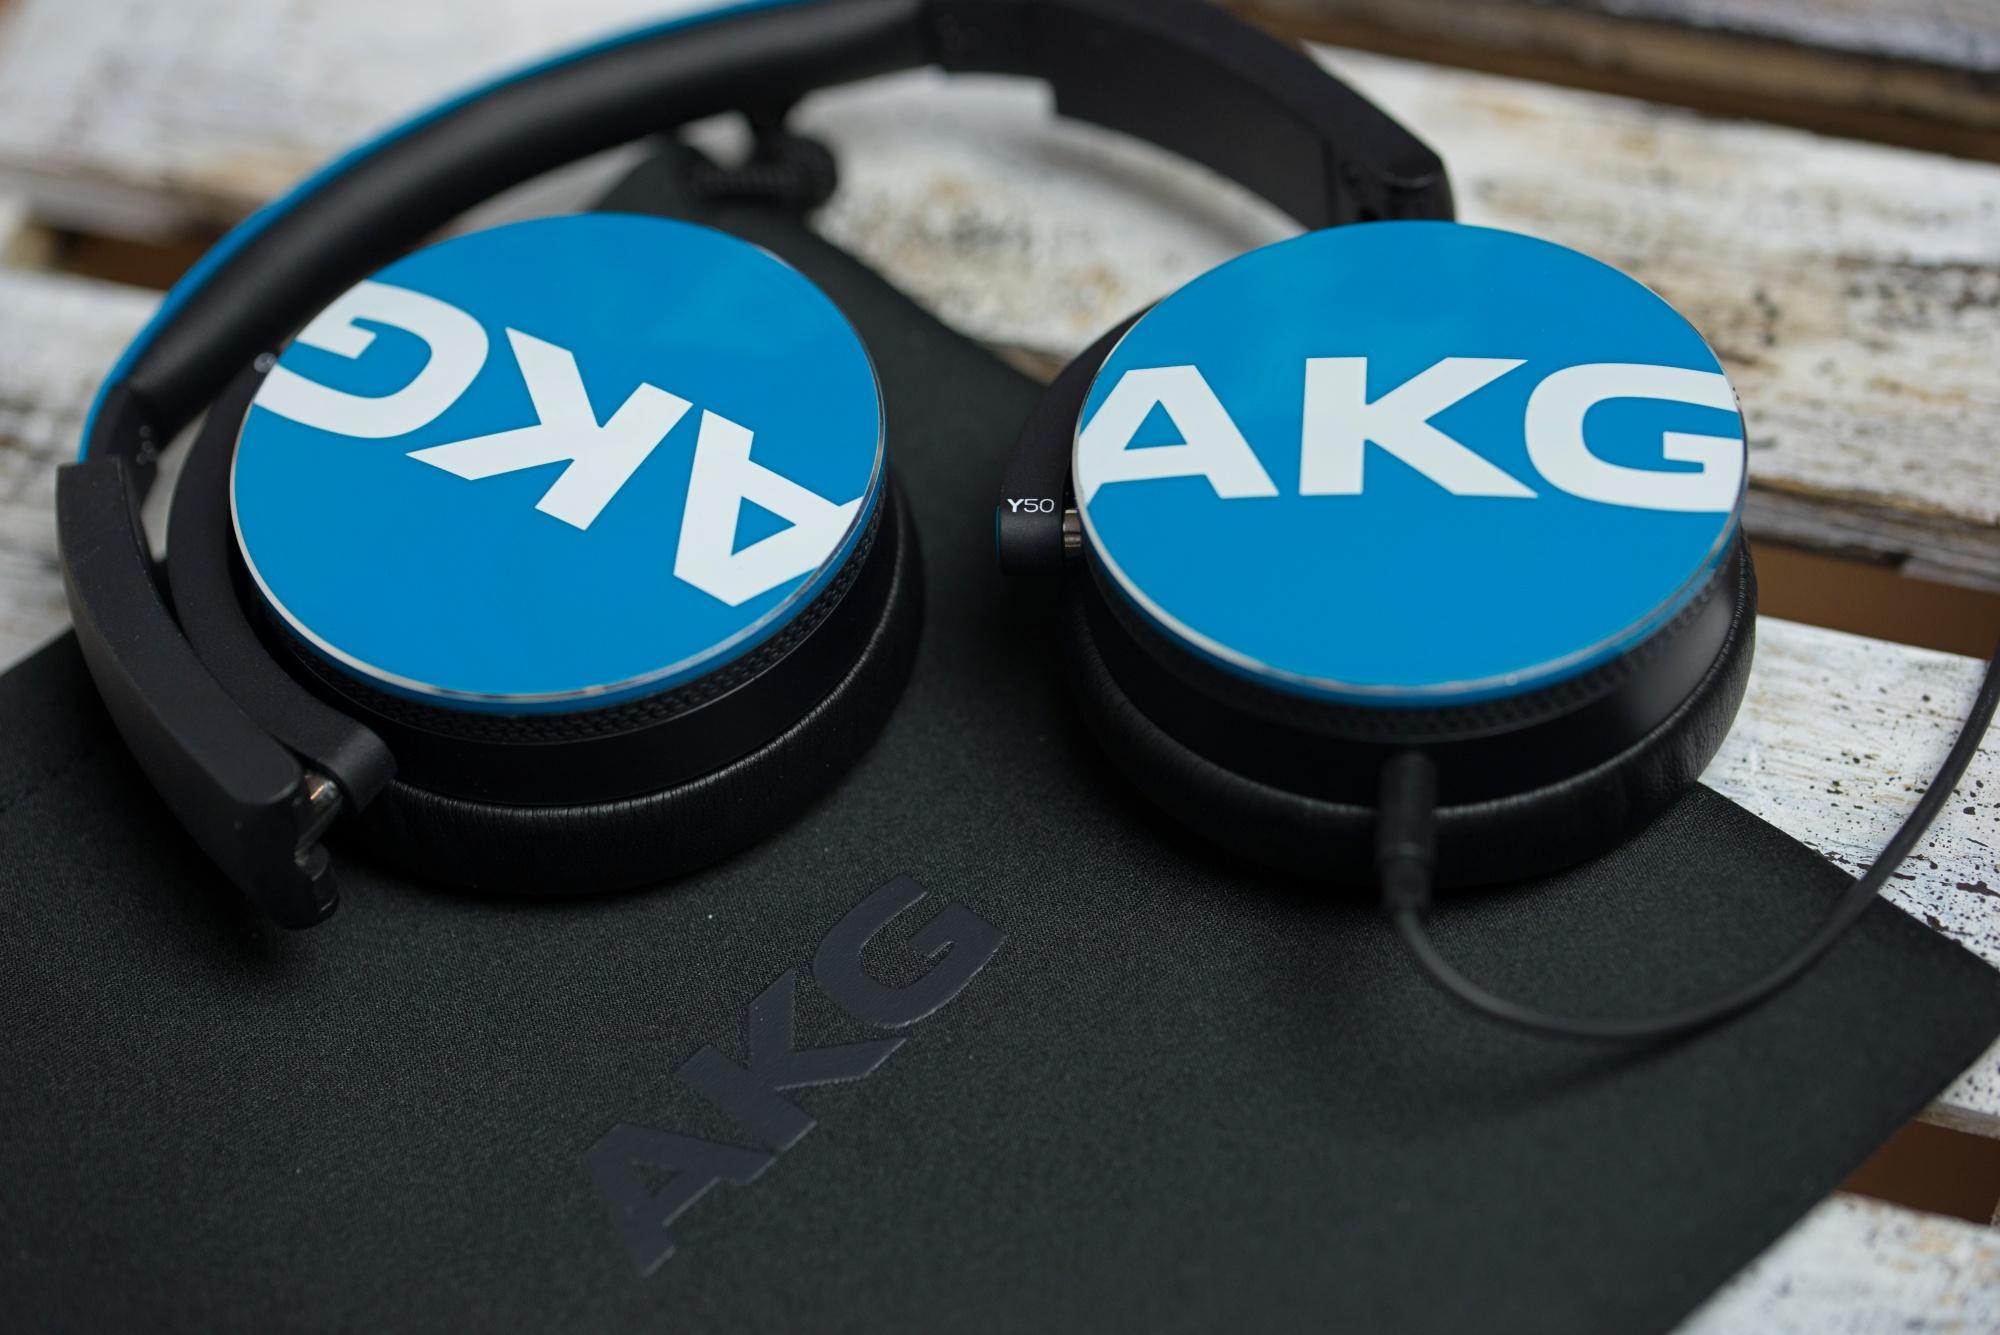 akg-y50-6